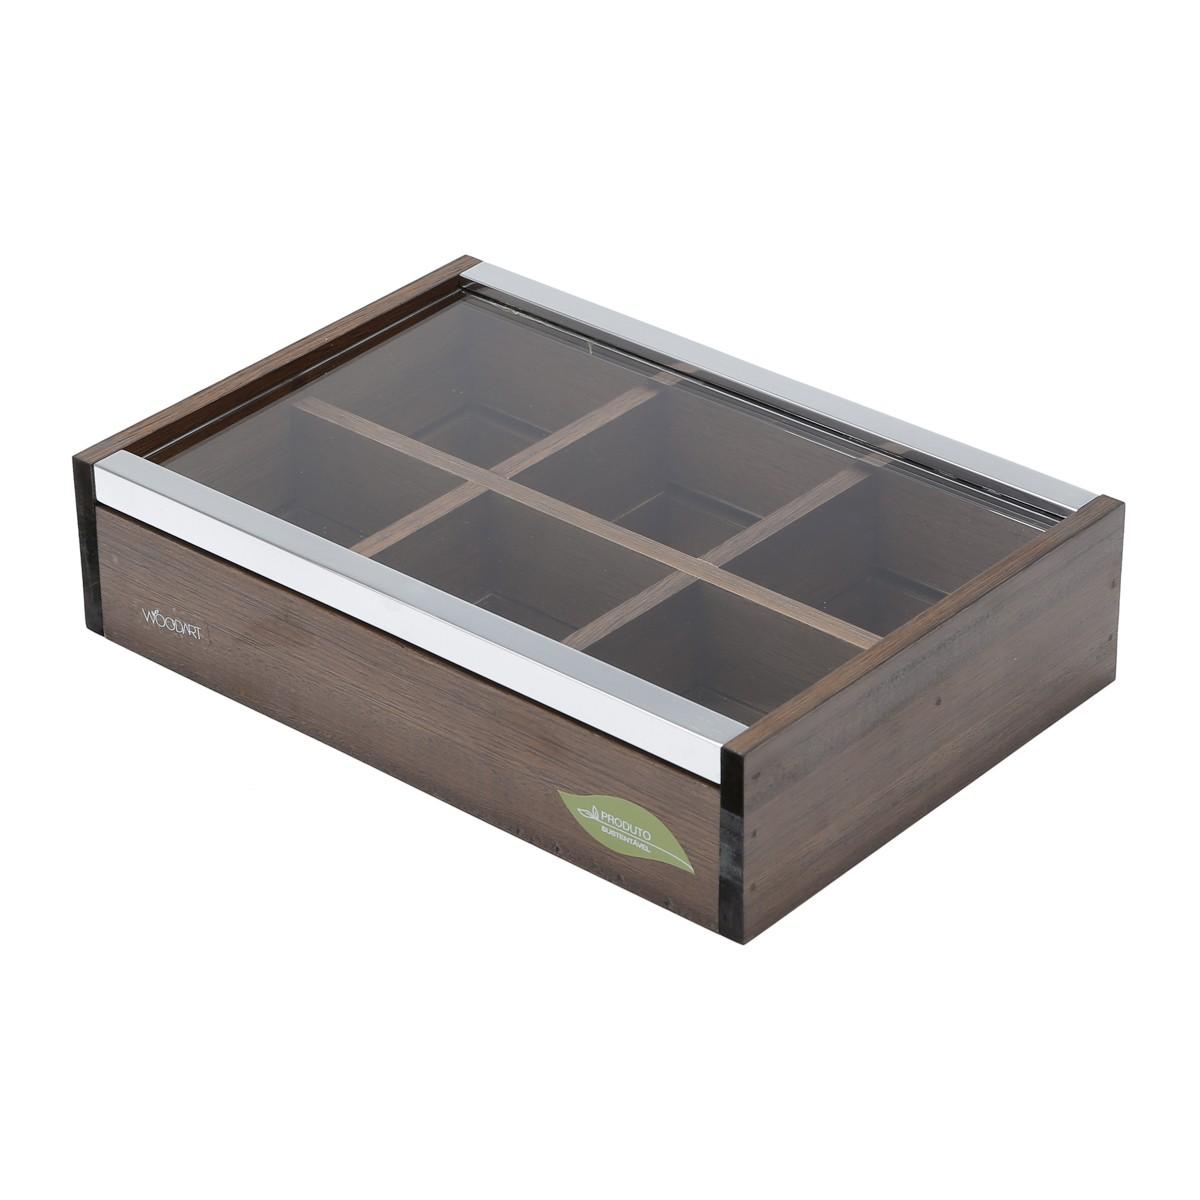 Caixa de Madeira Para Chá com Tampa de Vidro com 6 Divisórias